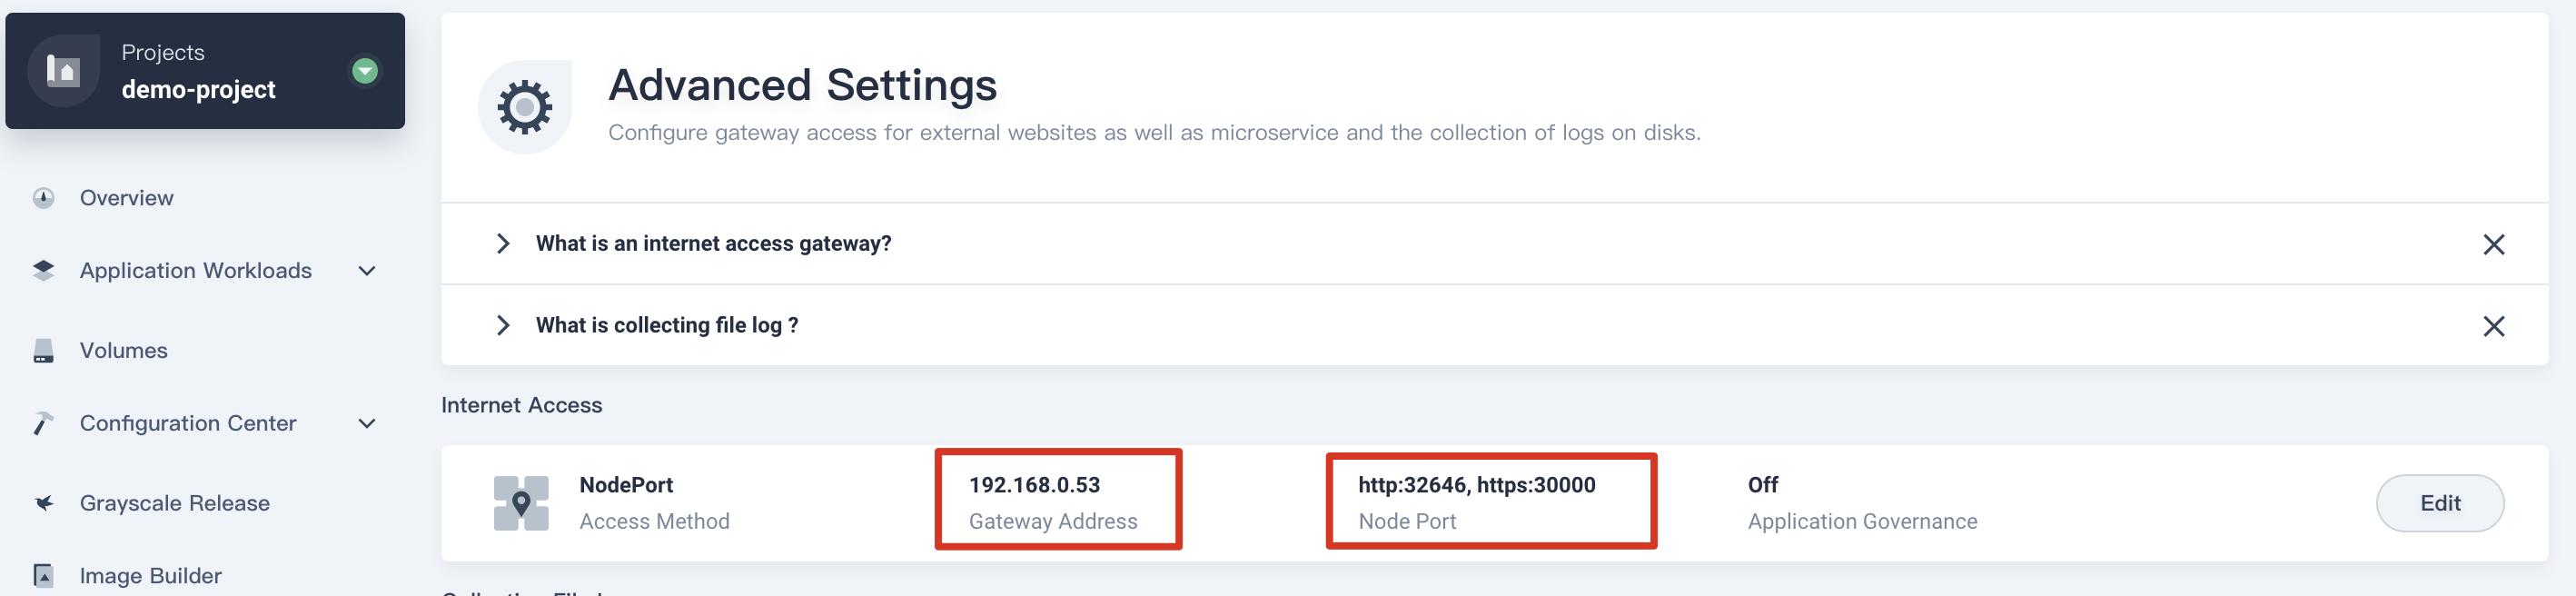 NodePort Gateway